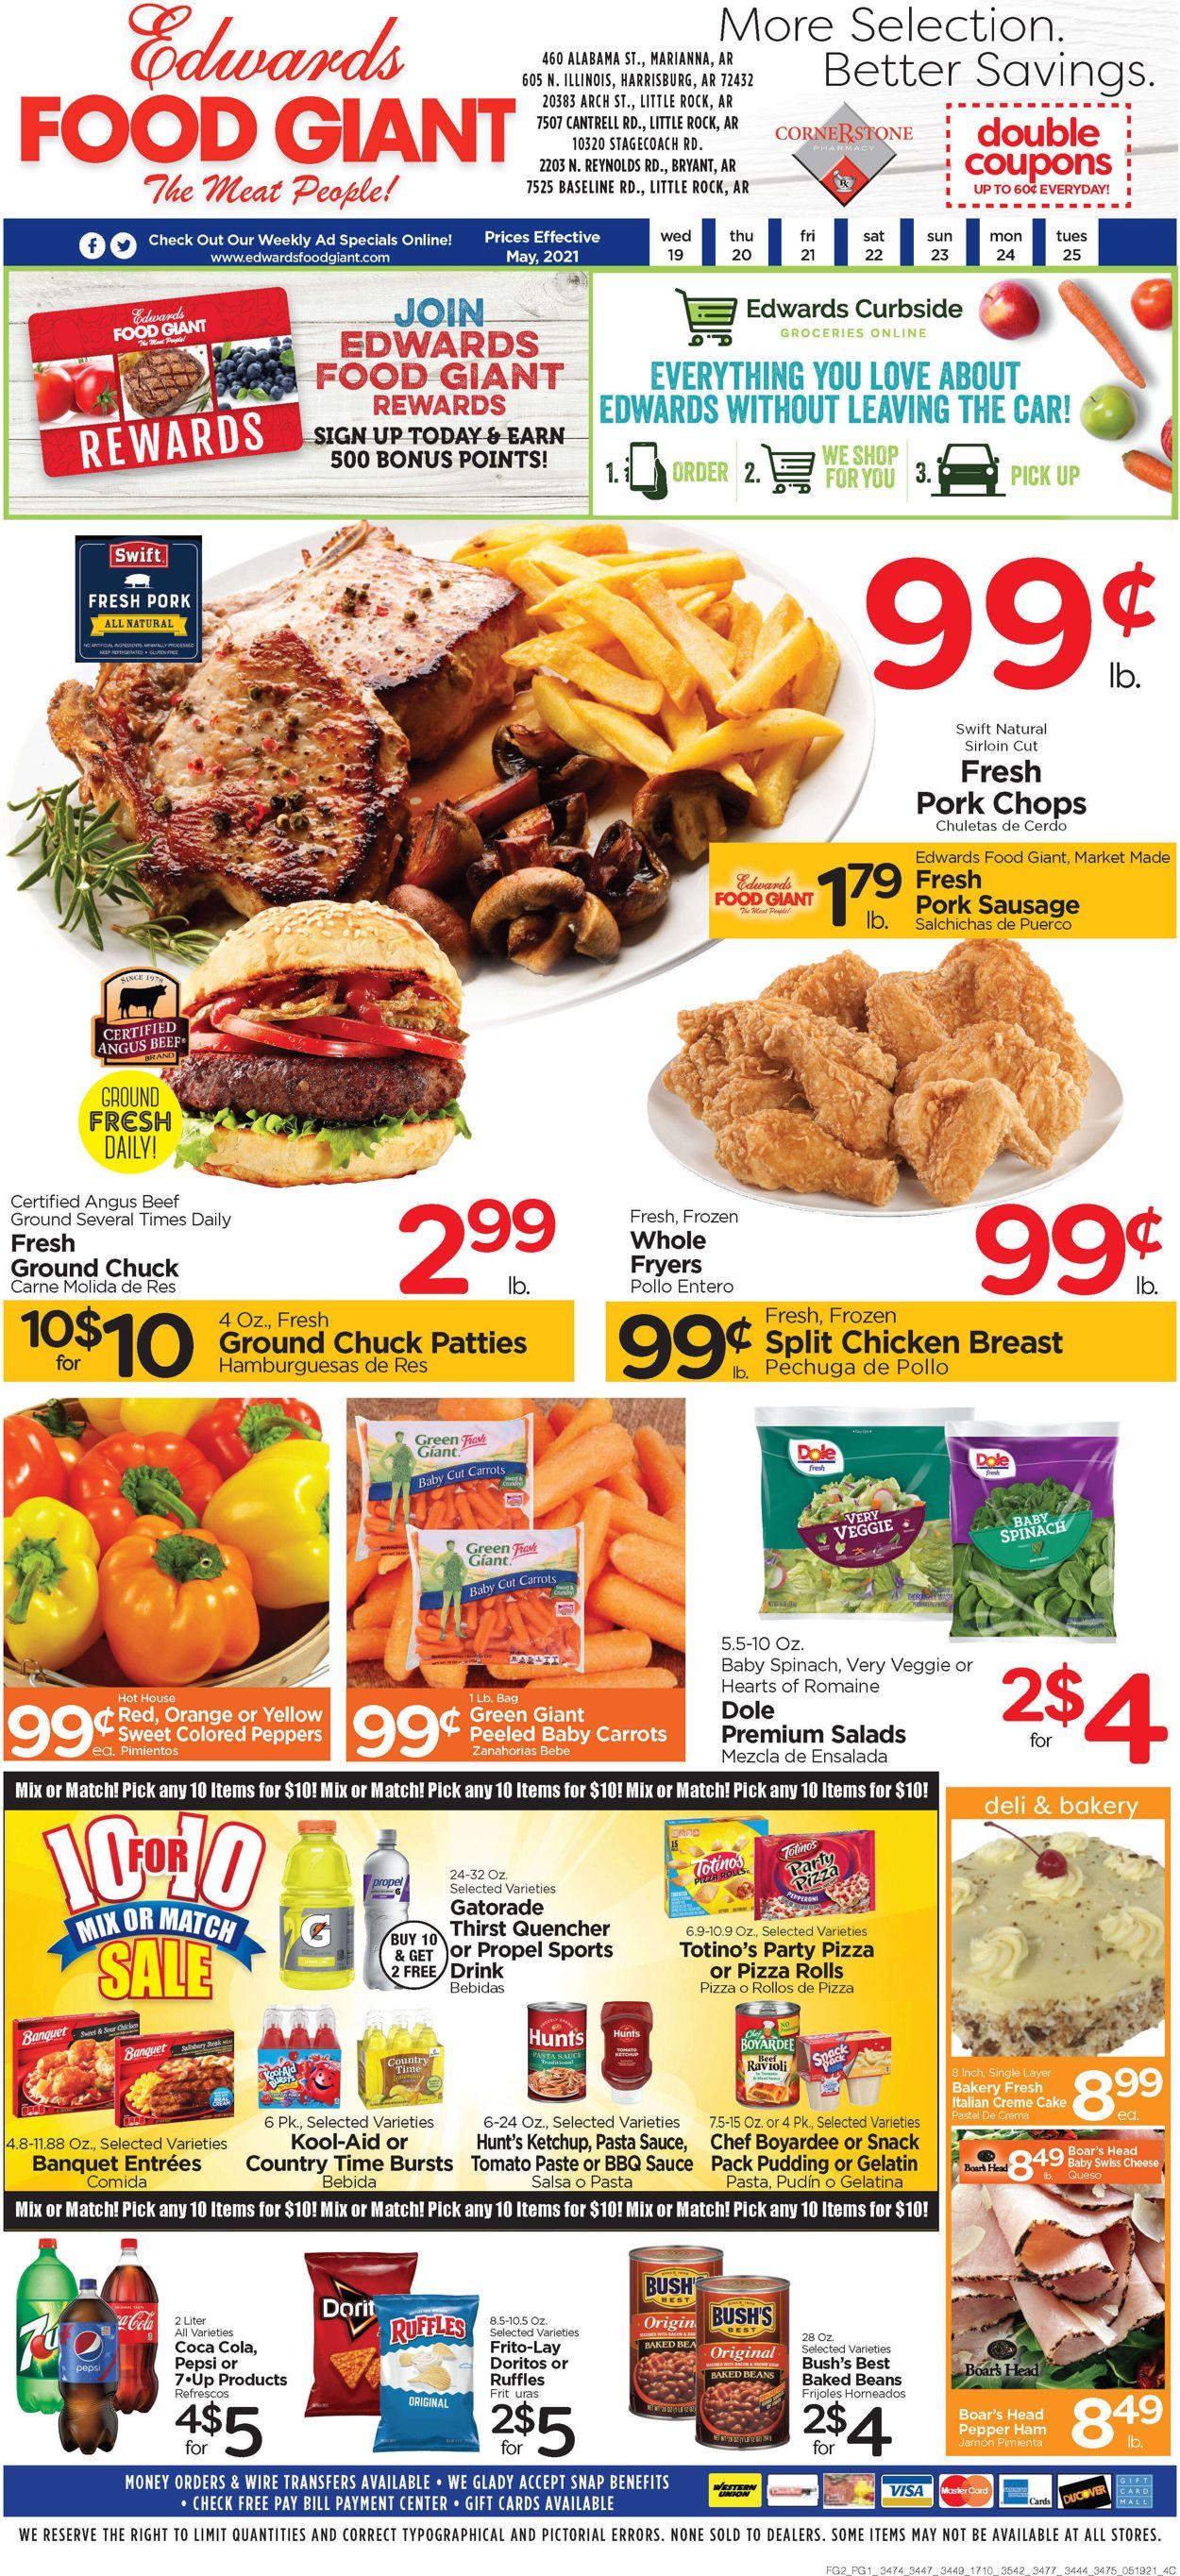 Edwards Food Giant Weekly Ad Circular - valid 05/19-05/25/2021